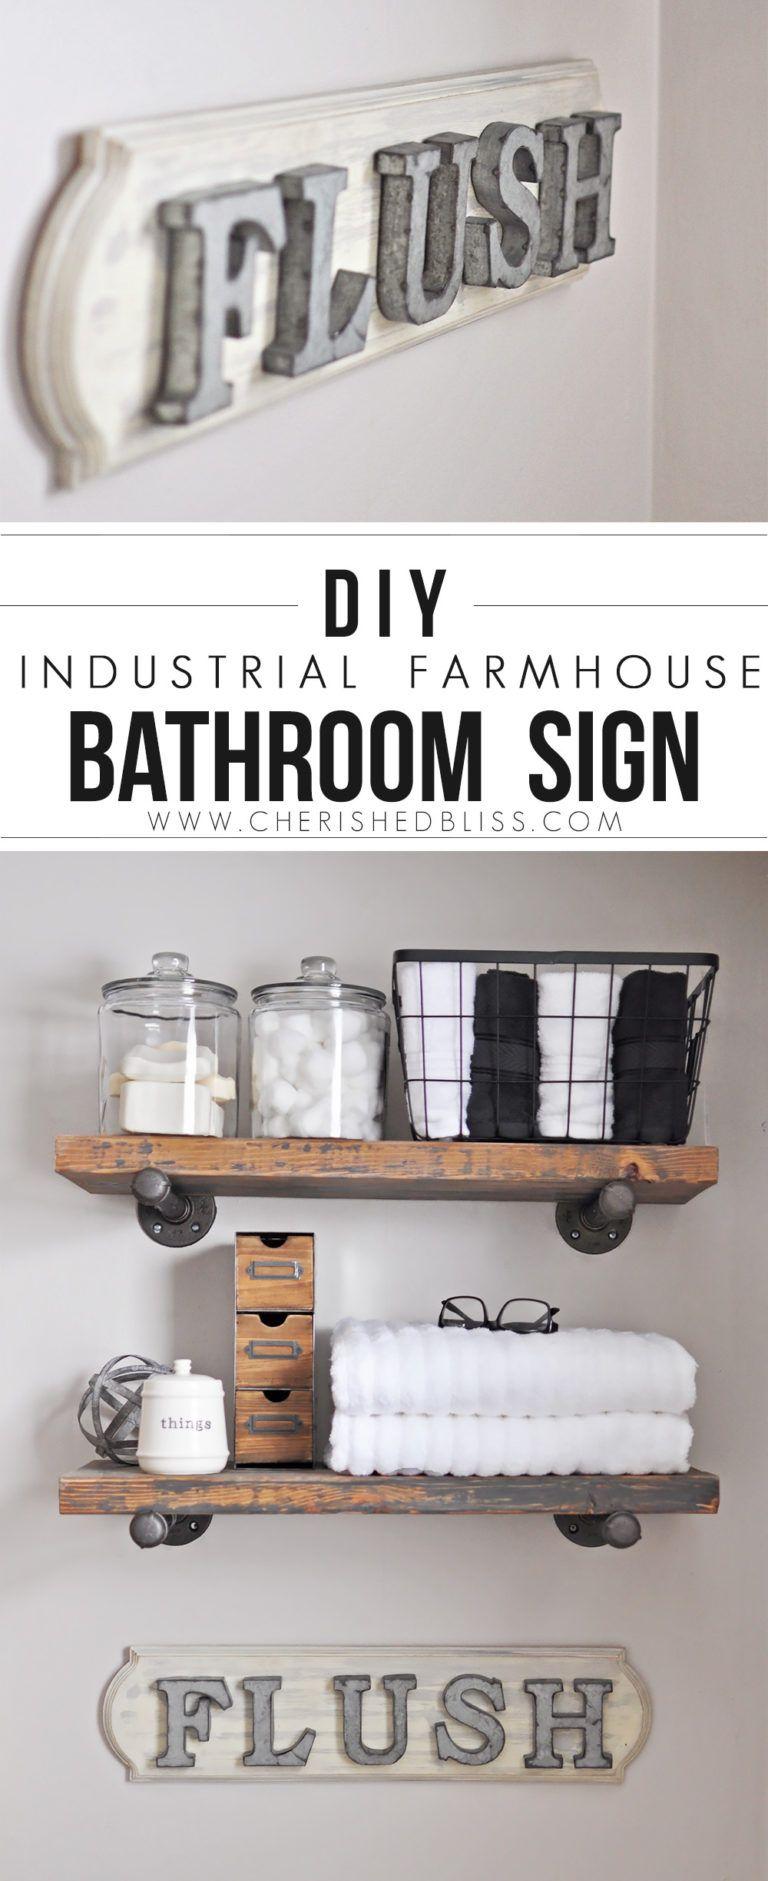 DIY Industrial Farmhouse Bathroom Sign | Industrial farmhouse ...